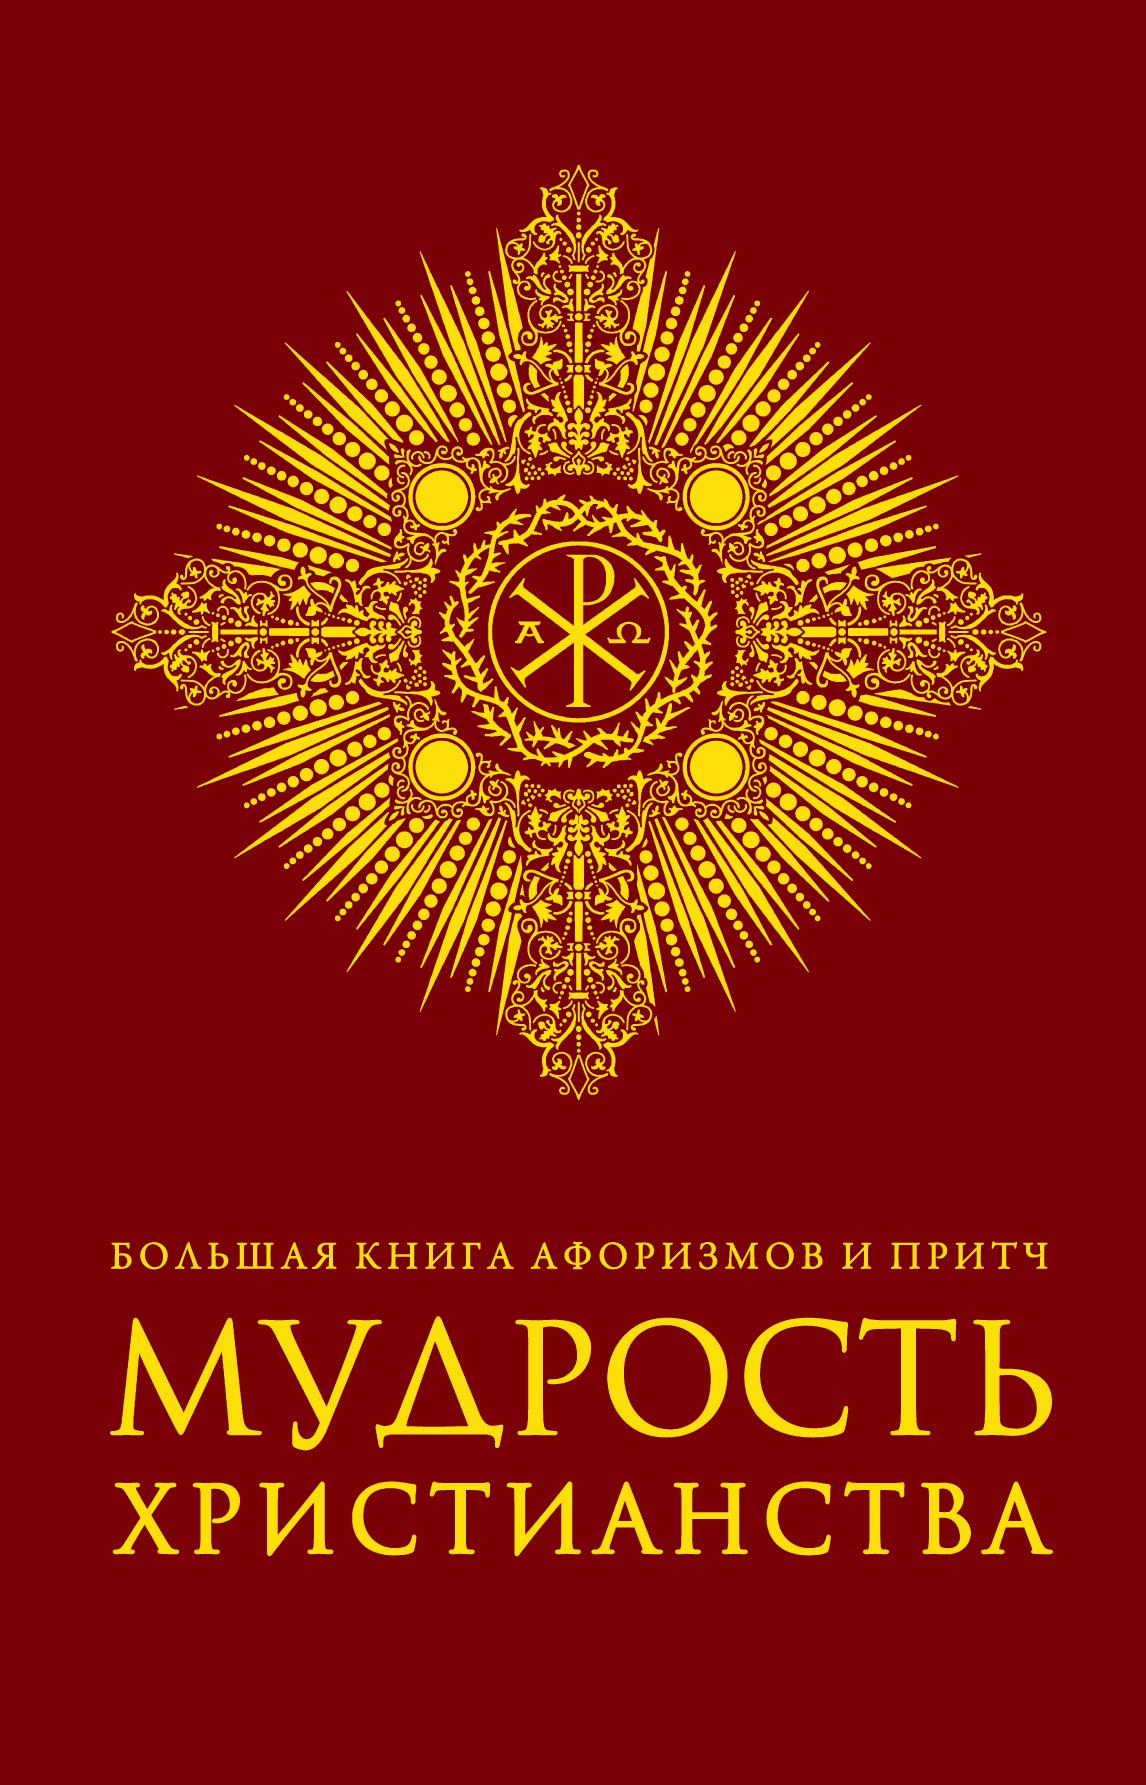 Большая книга афоризмов и притч: Мудрость христианства (бордовая) большая книга афоризмов и притч мудрость христианства бордовая